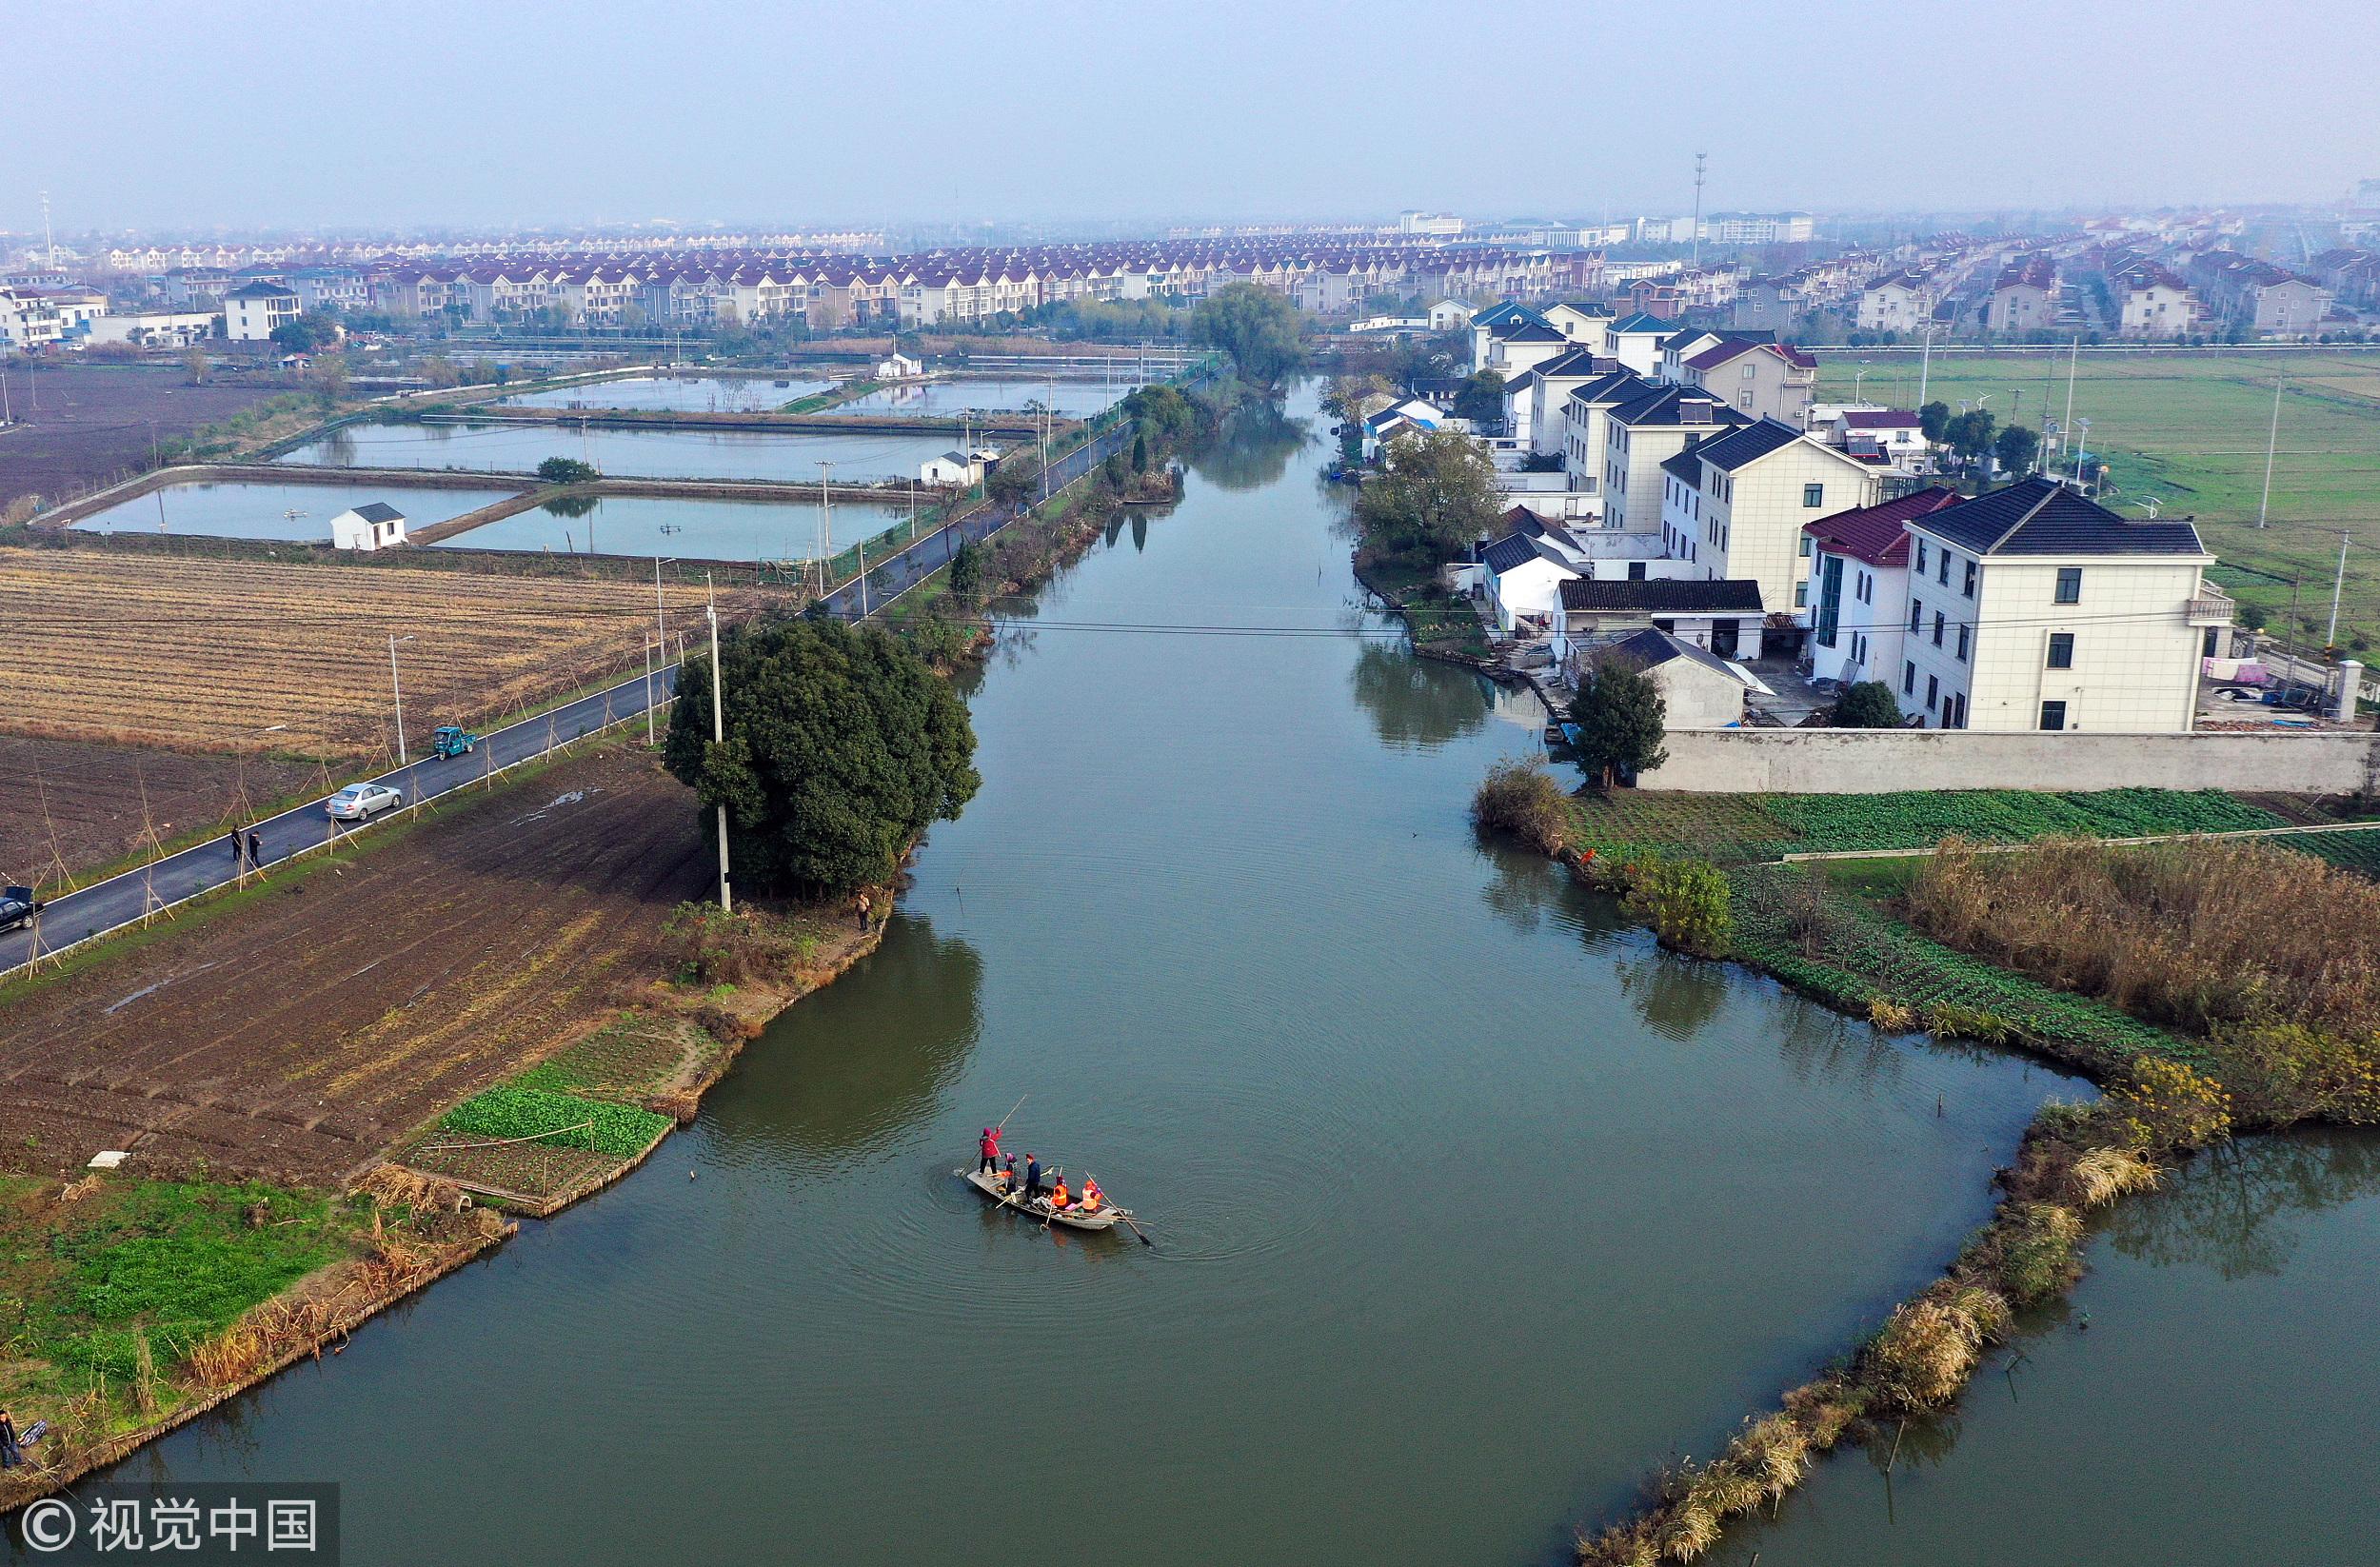 【聚焦】好消息!江苏又有四地被评为国家生态文明建设示范市县